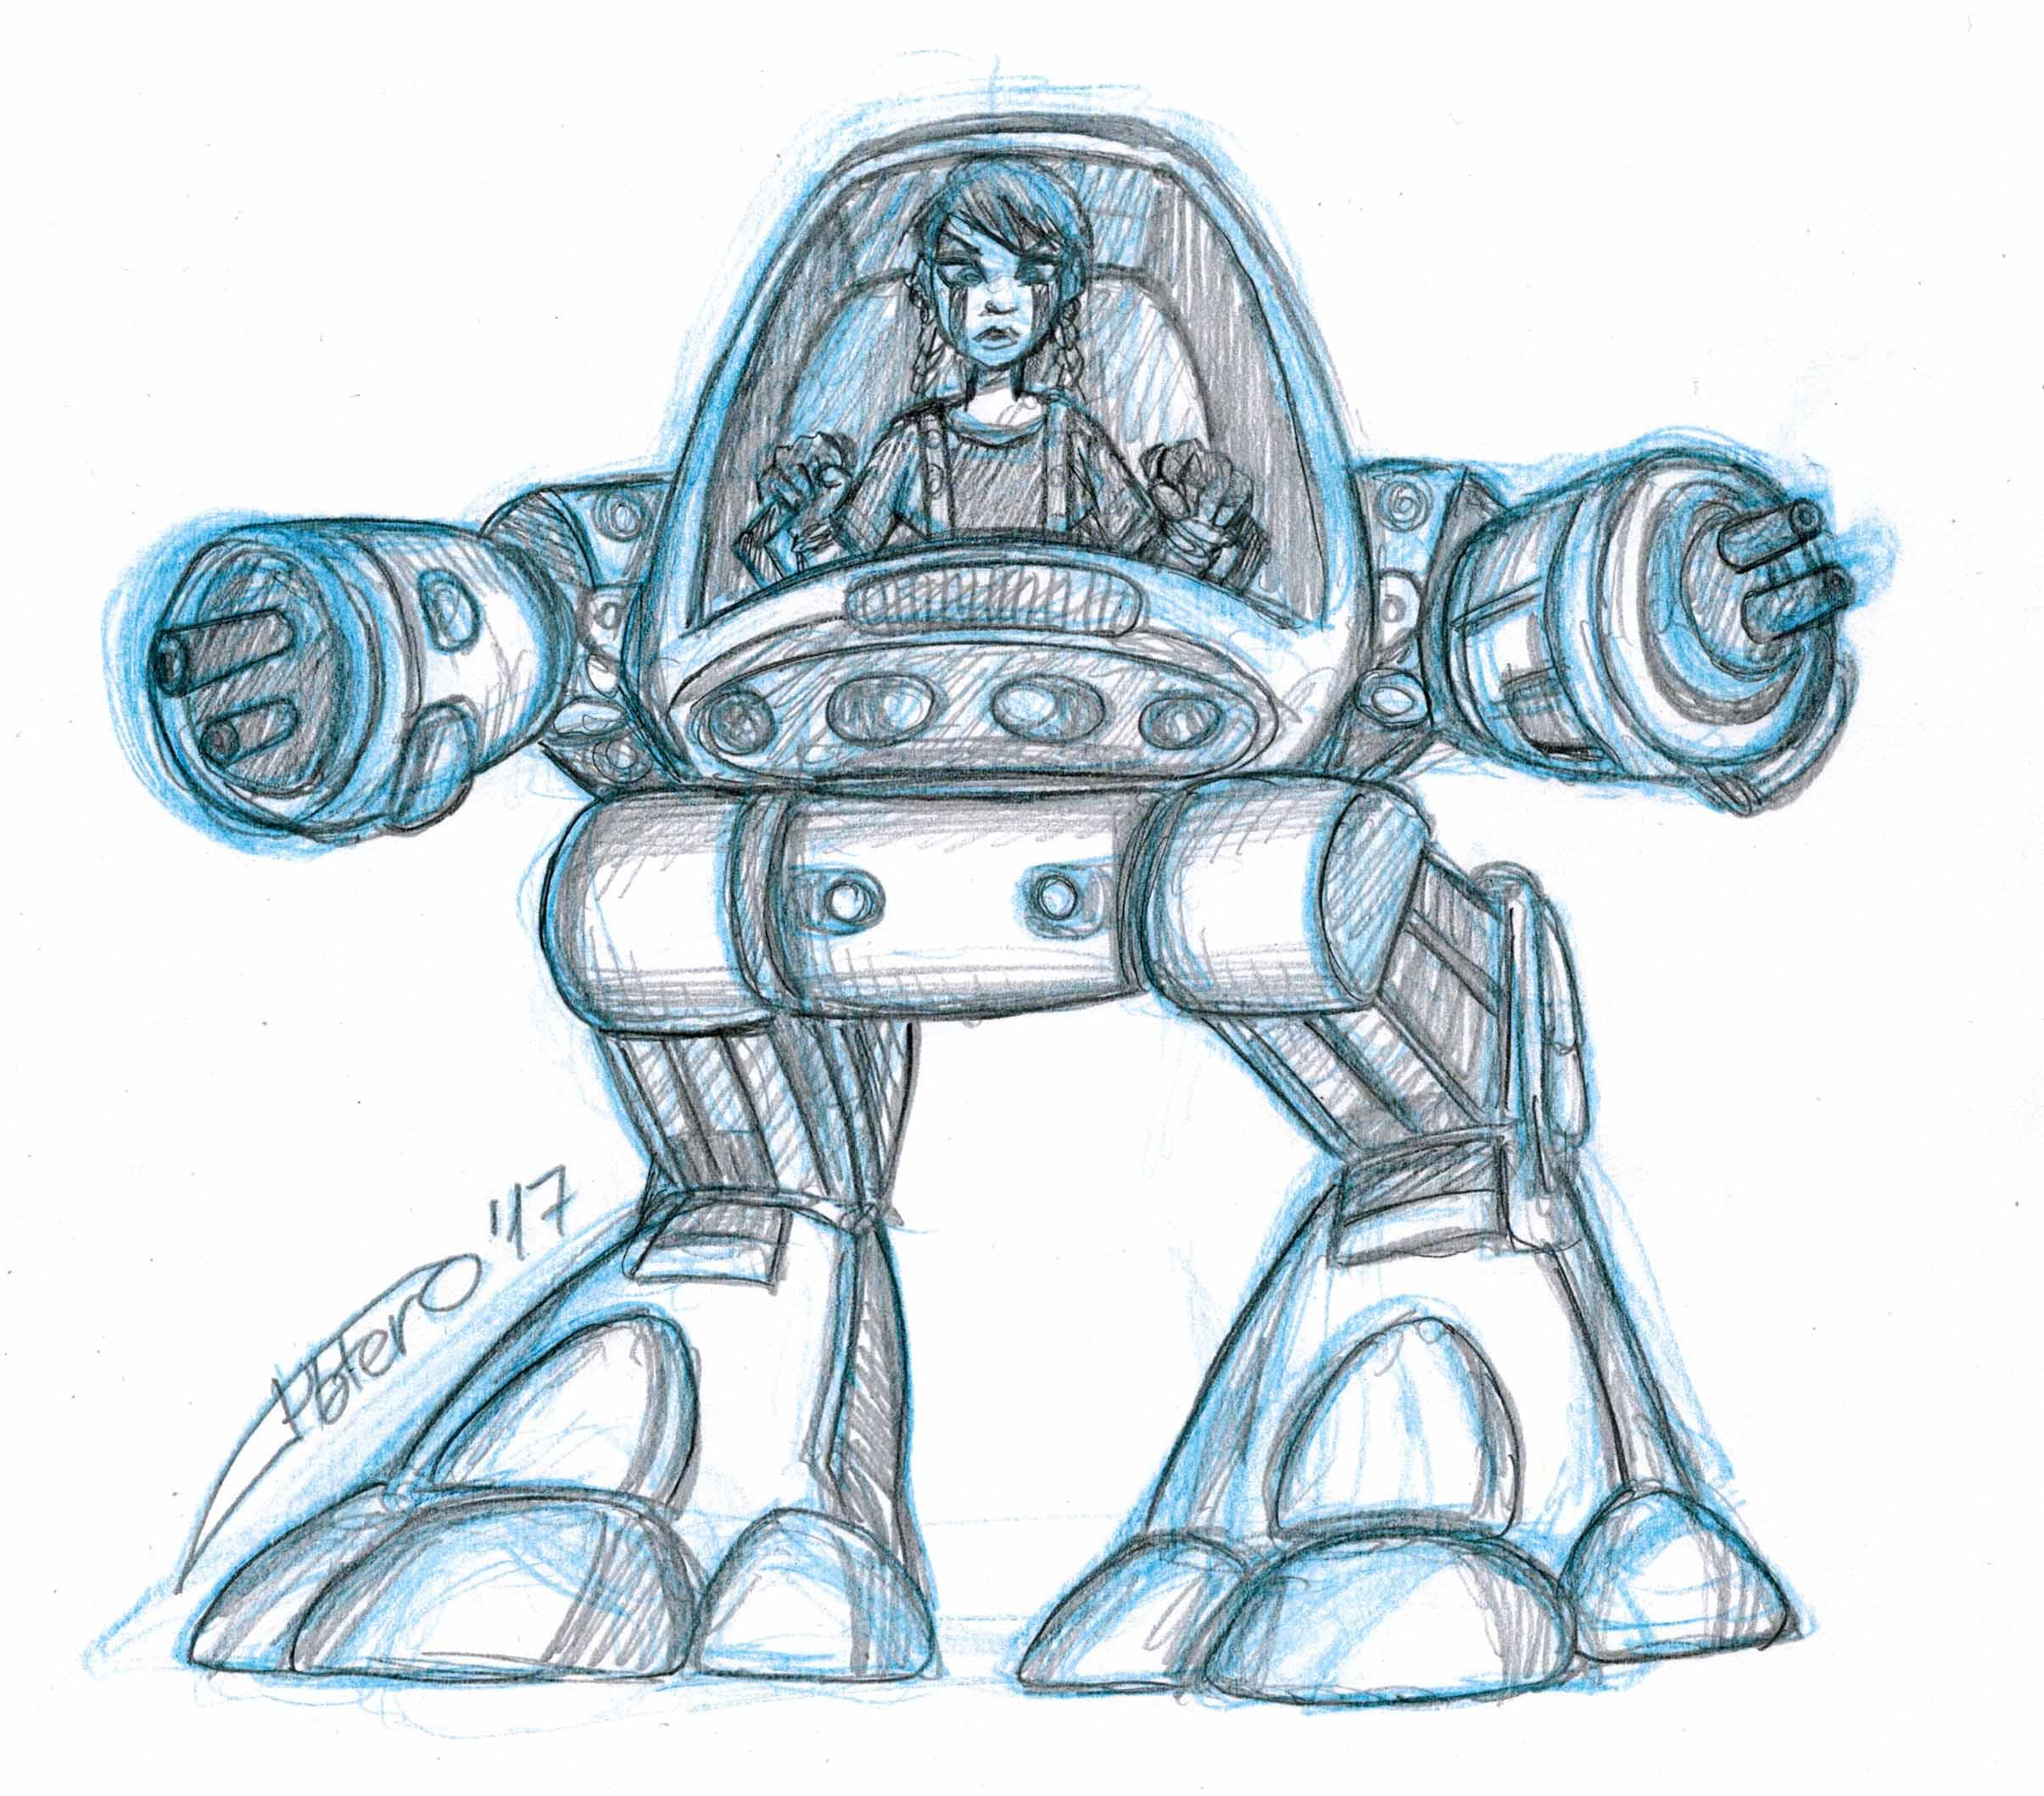 Chica ciberpunk en robot